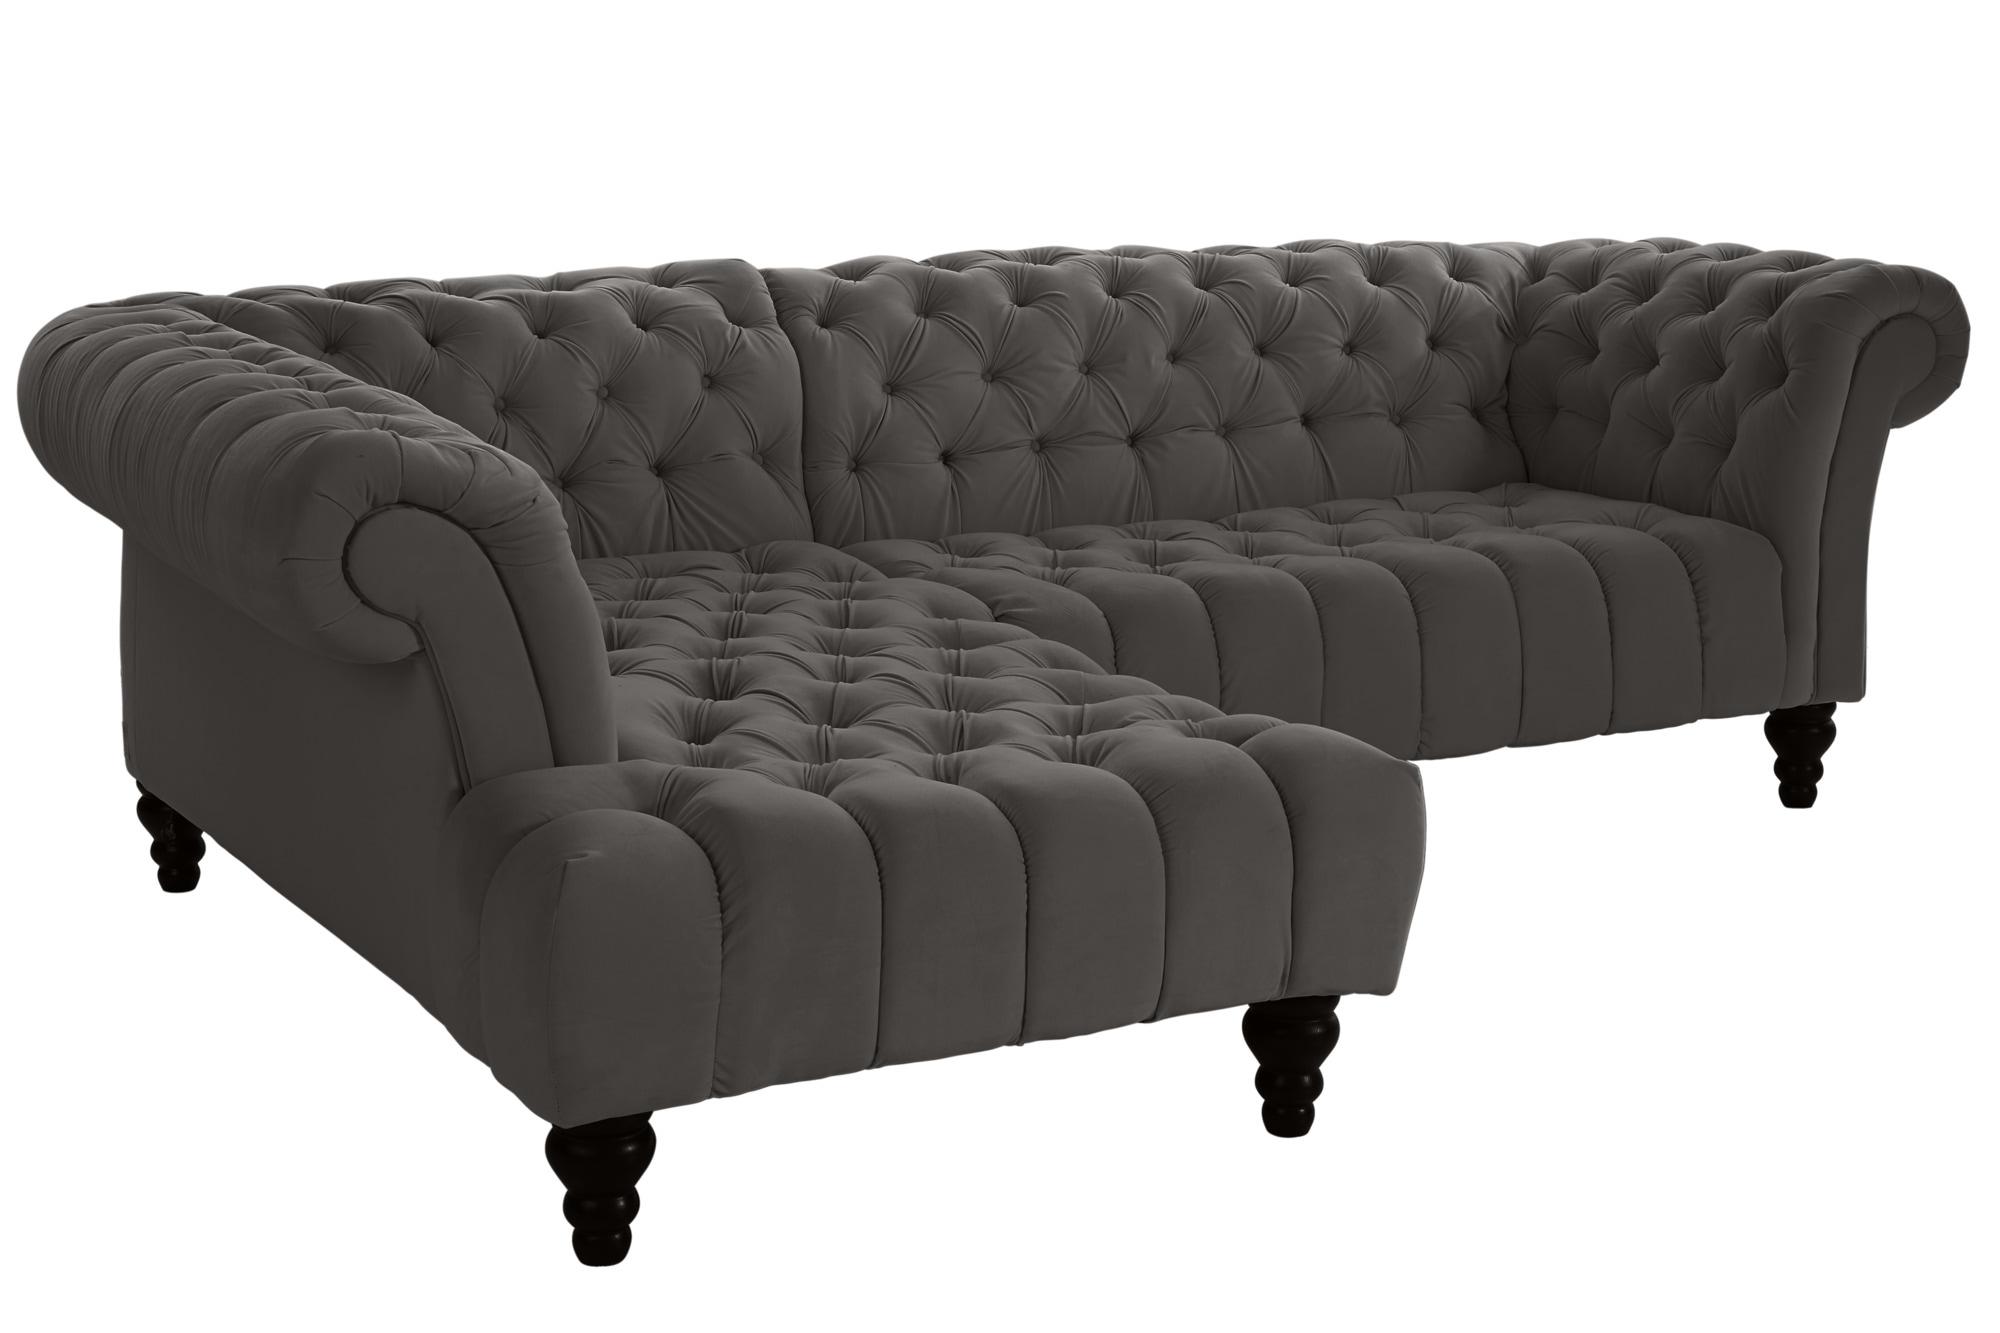 heine home ecksofa mit ottomane rechts oder links online shop. Black Bedroom Furniture Sets. Home Design Ideas